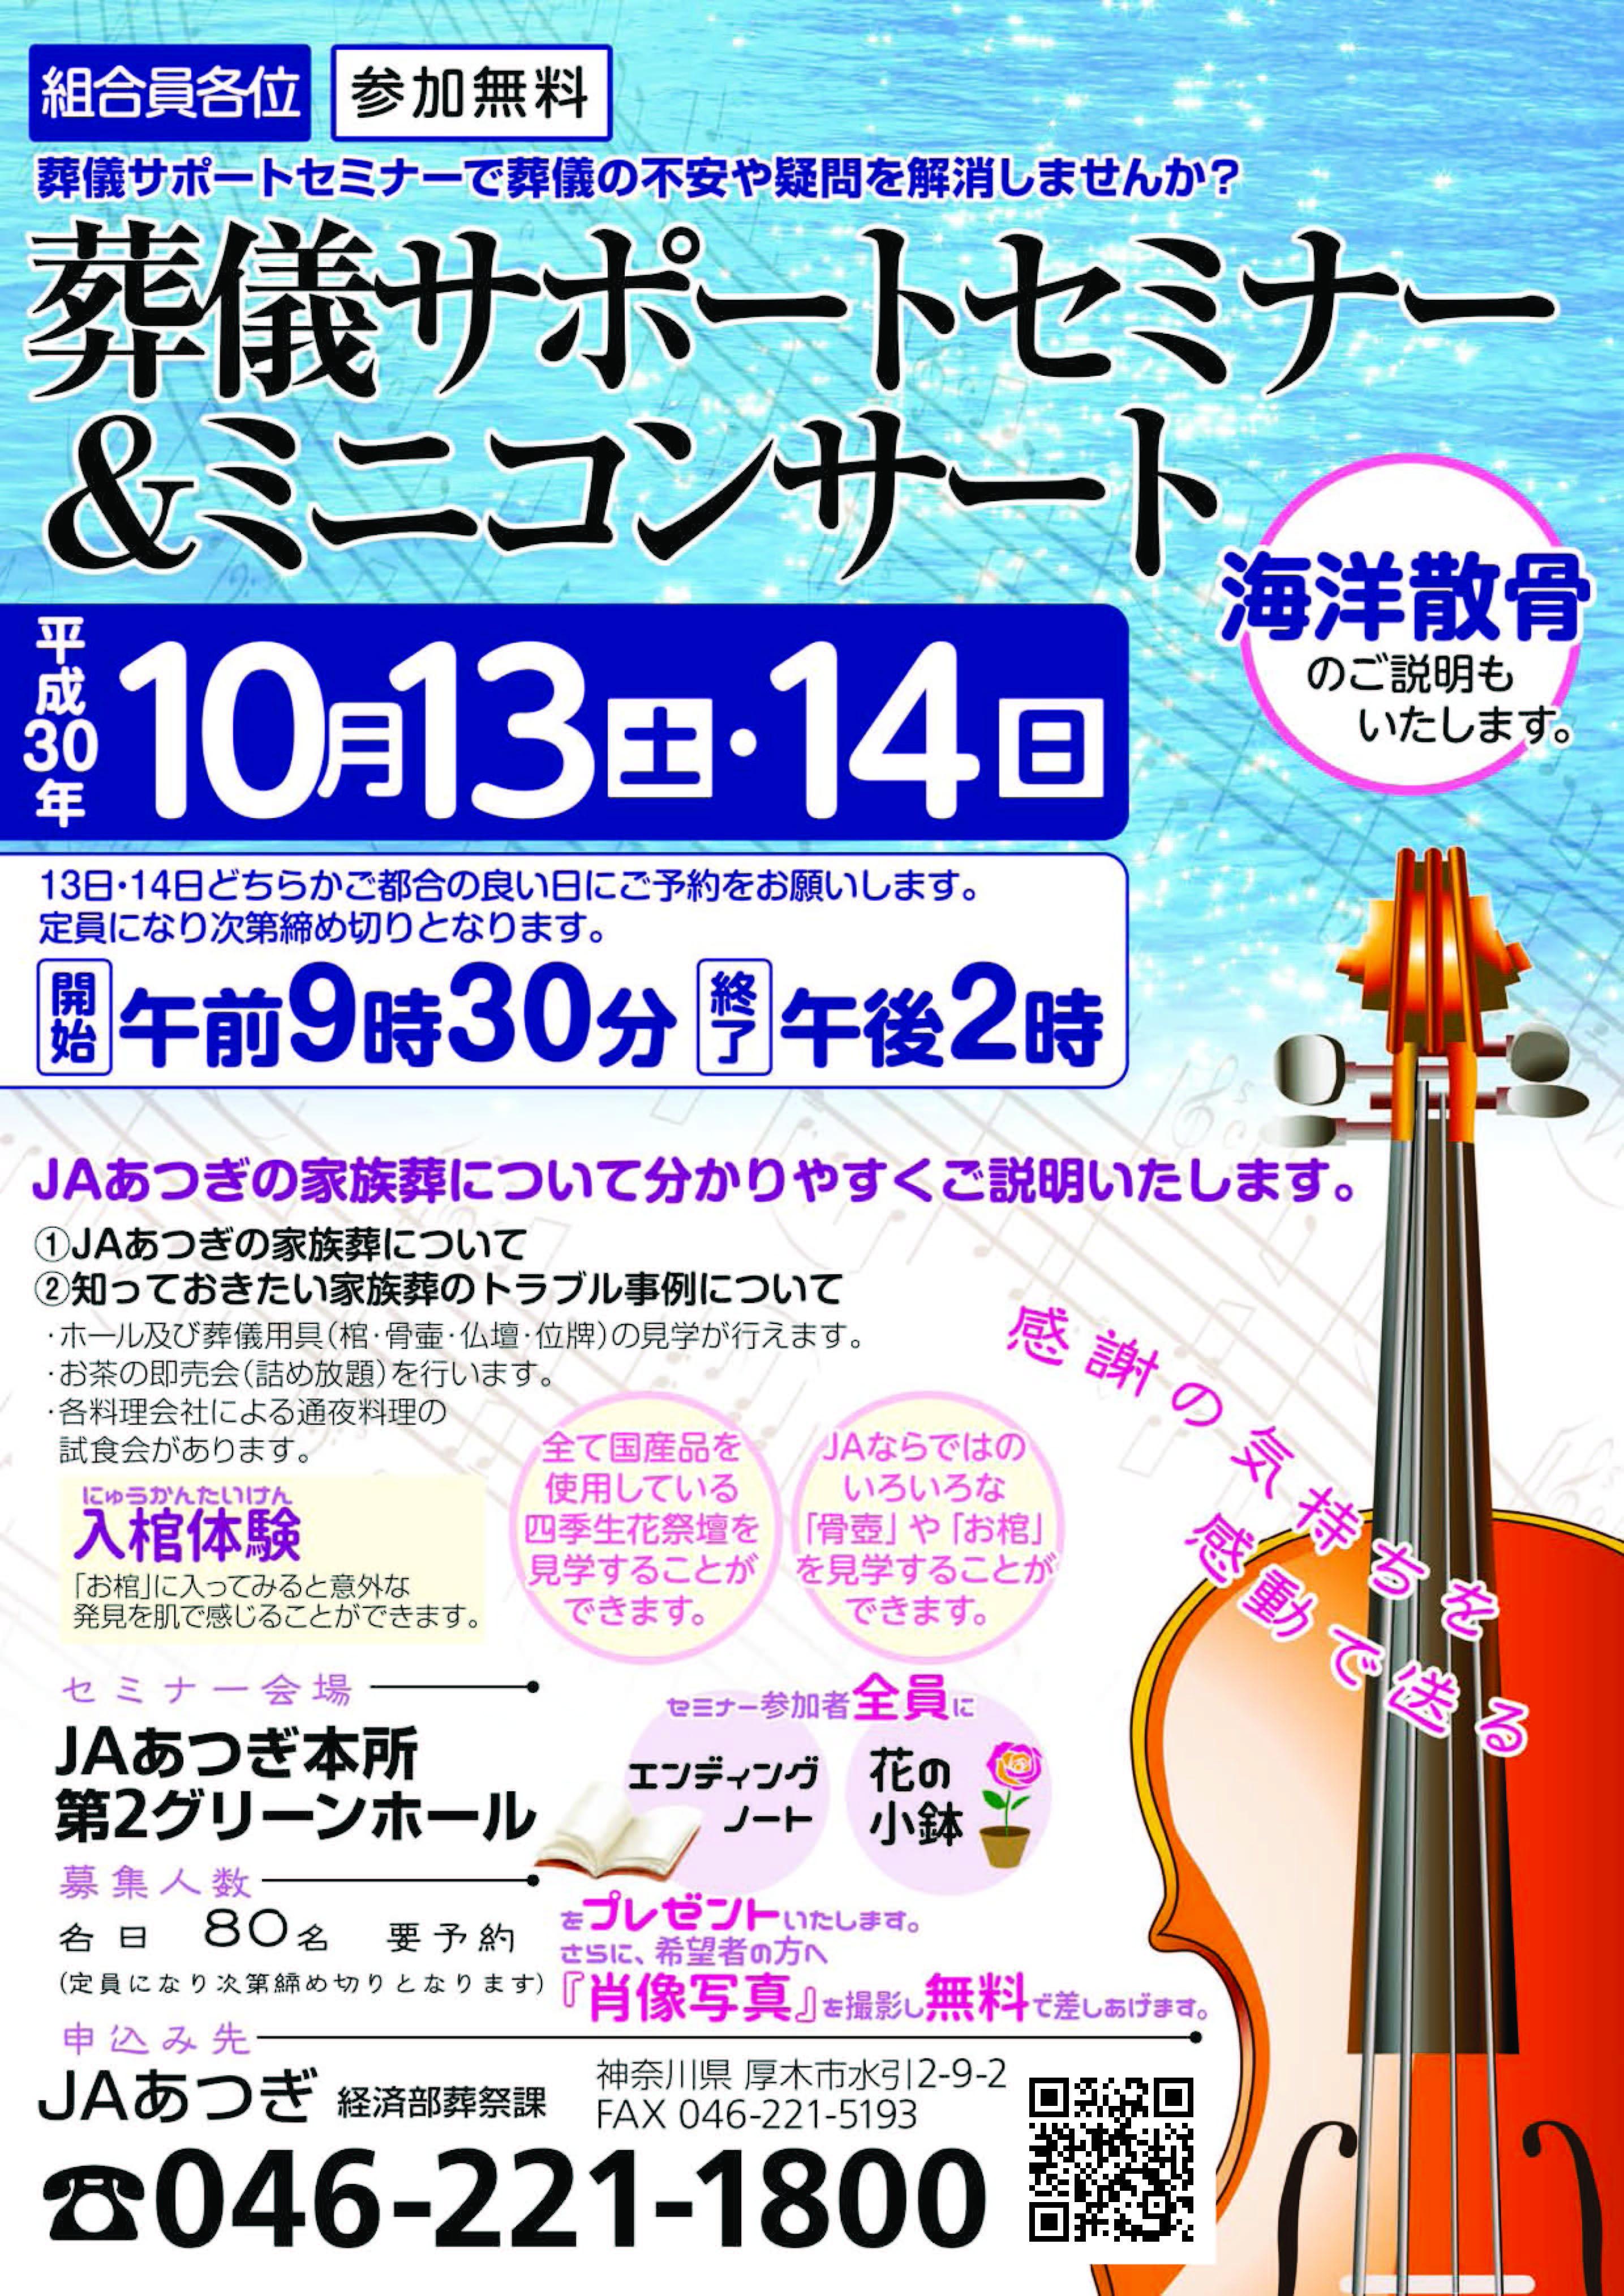 JAあつぎ 葬儀サポートセミナー&ミニコンサート